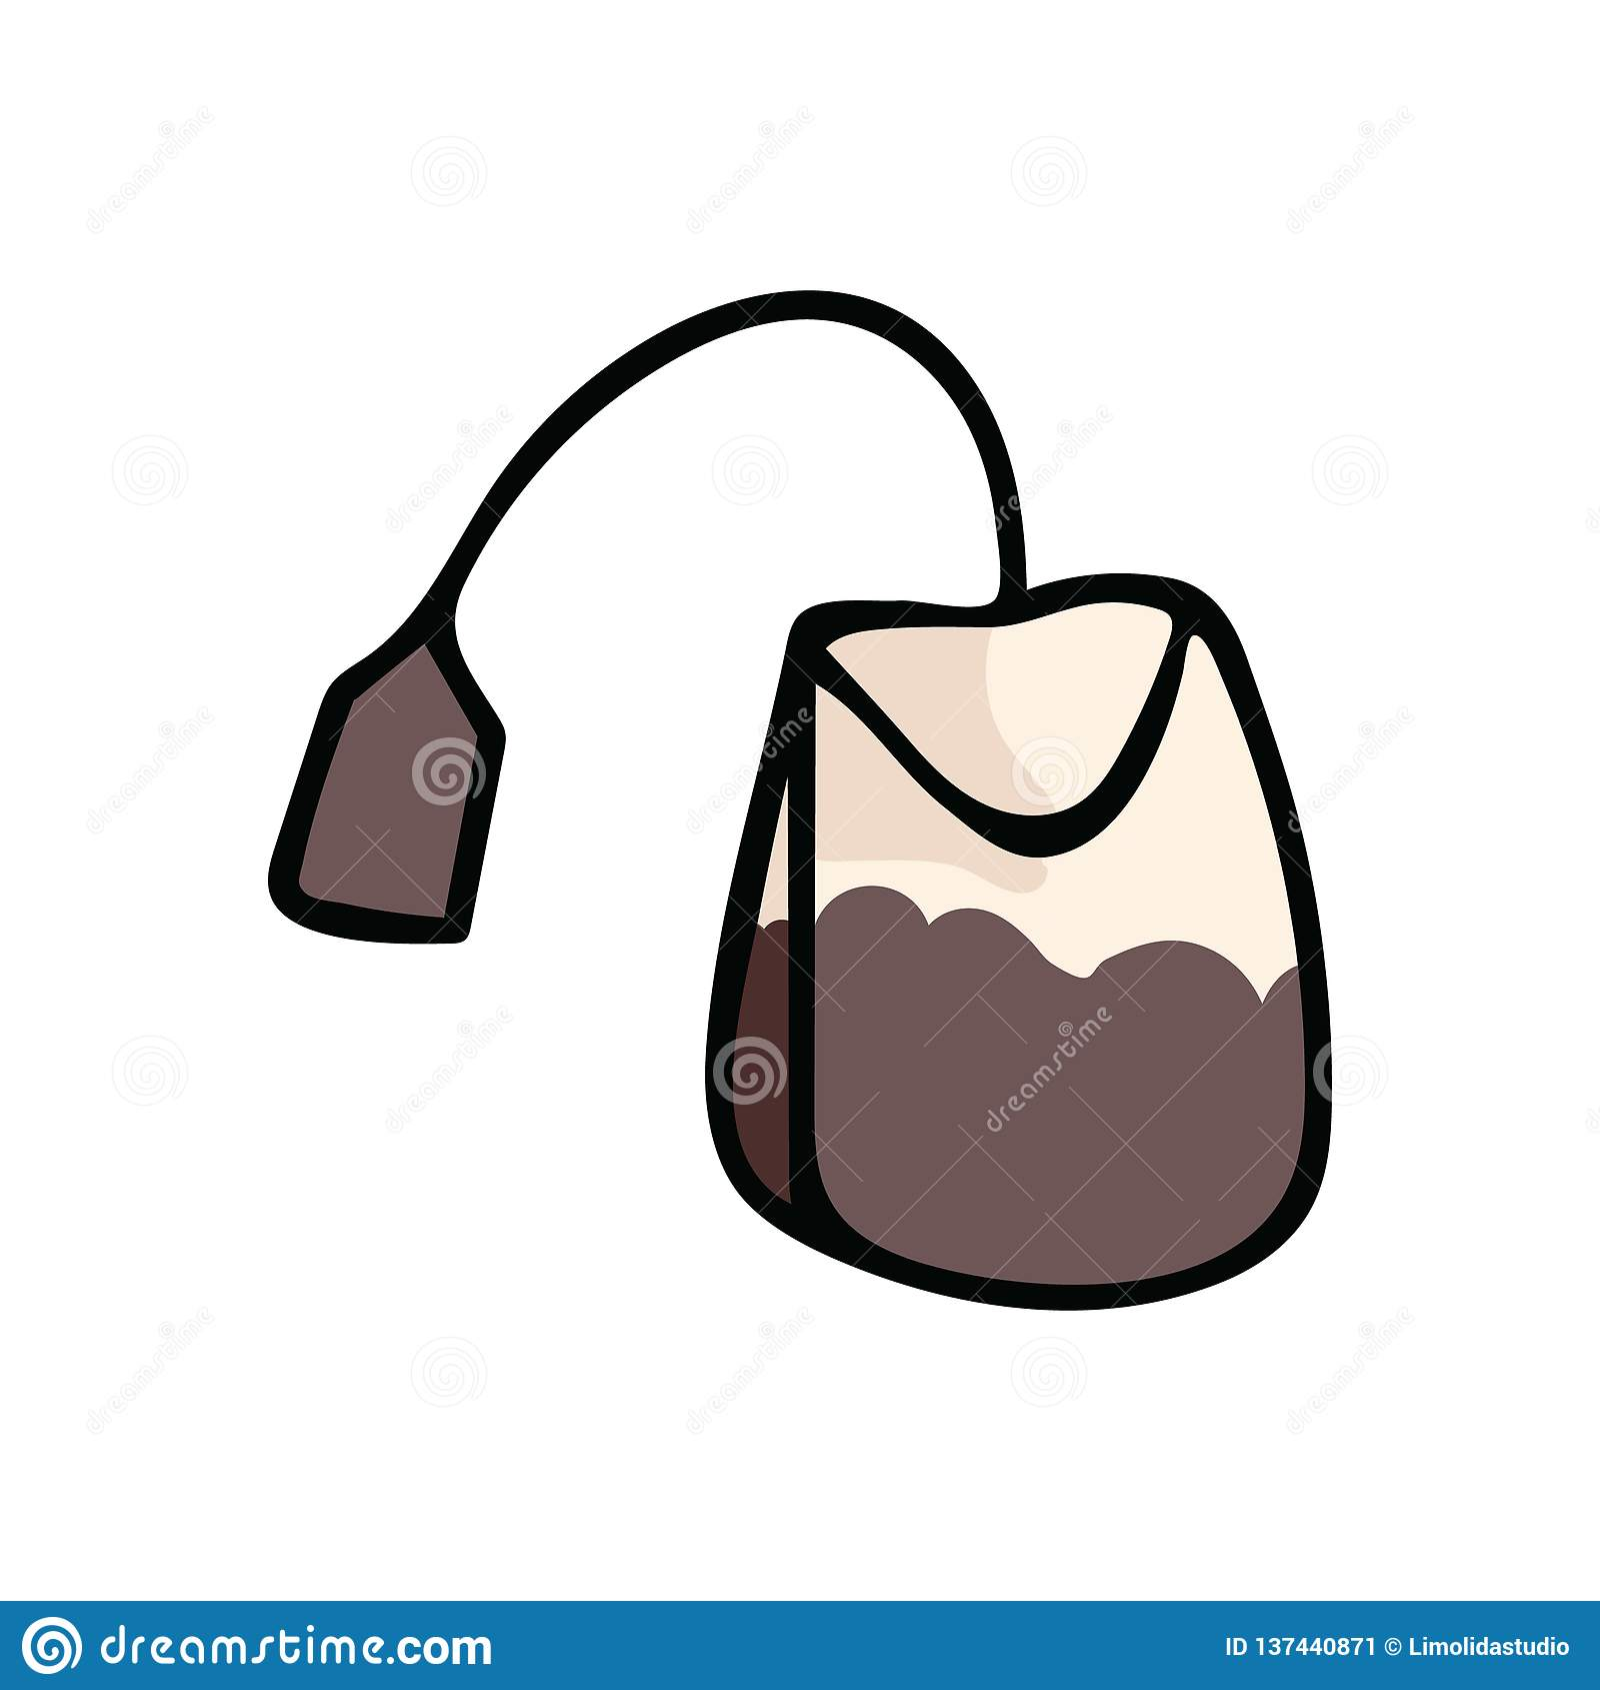 aa0ca47f9e Cute tea bag cartoon vector illustration motif set. Hand drawn hot drink  elements clipart for kitchen blog